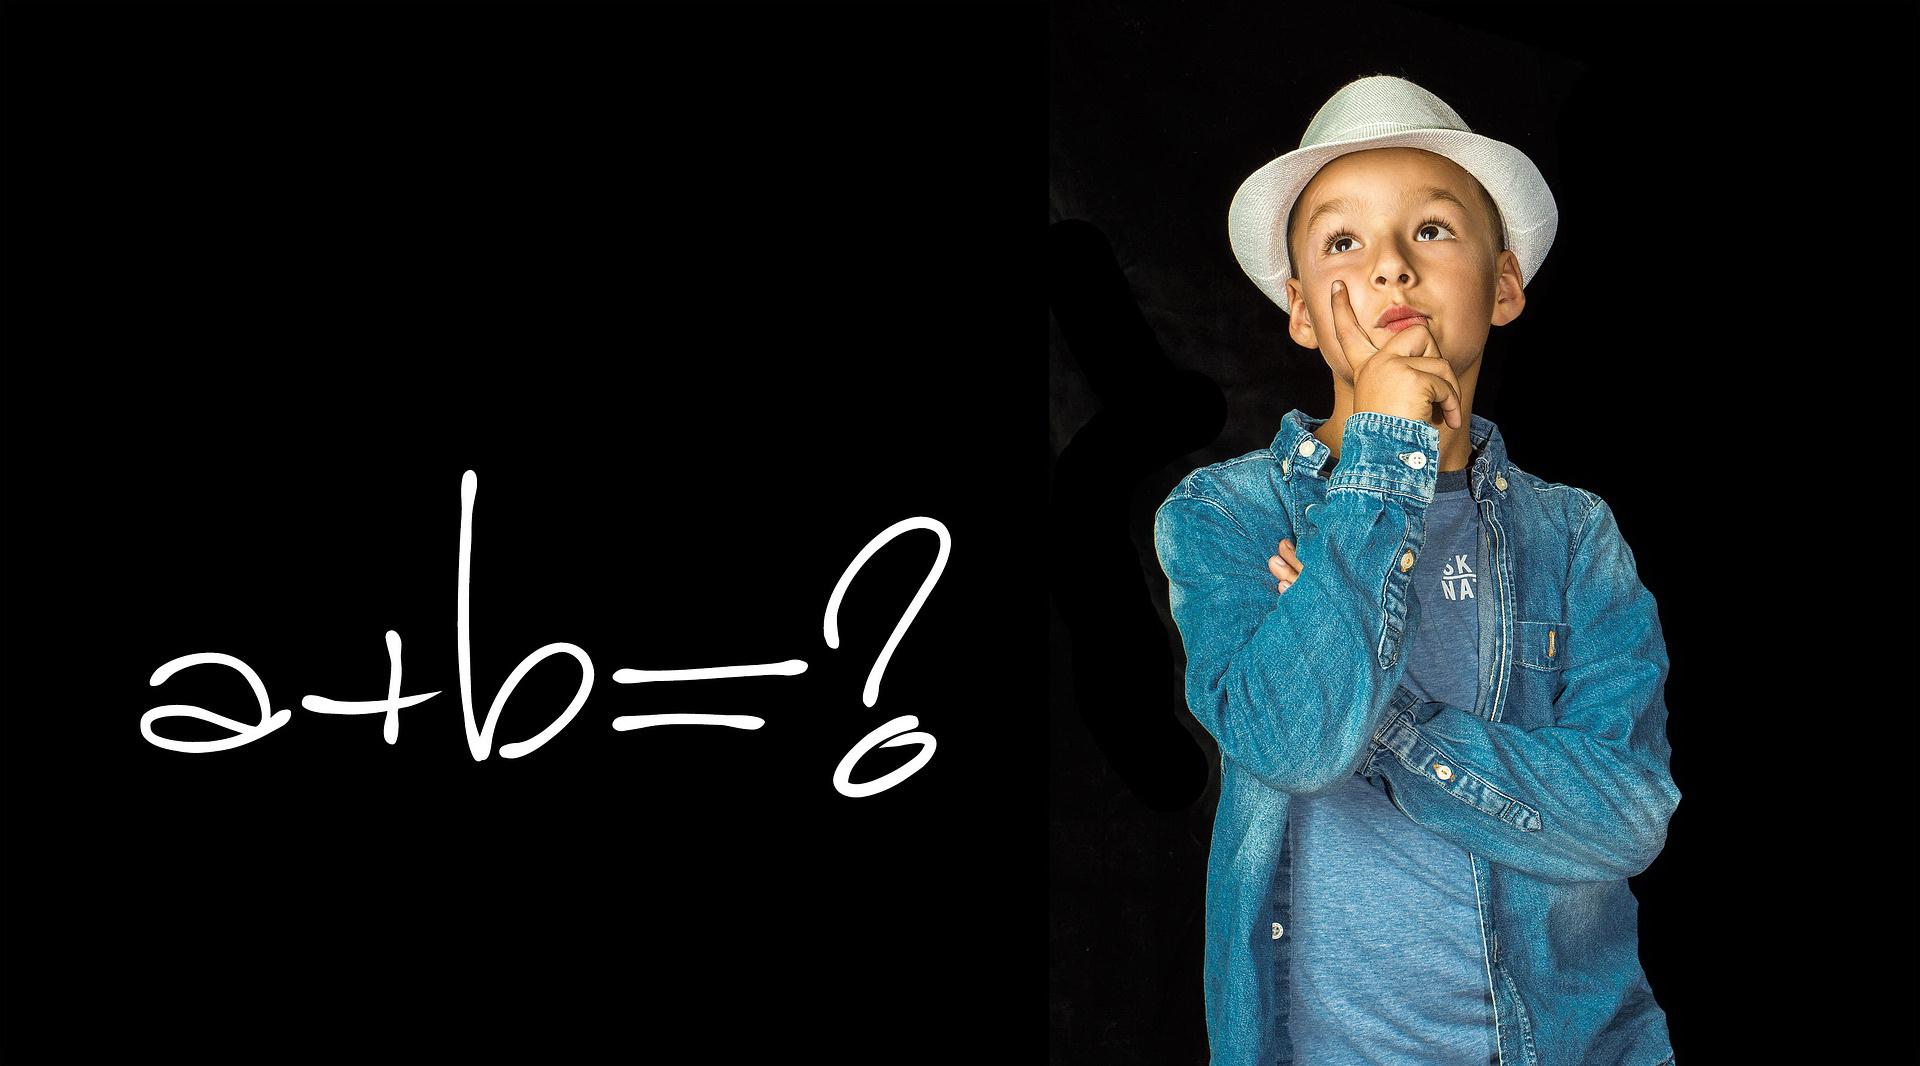 Trudne zagadki matematyczne dla dzieci z odpowiedziami